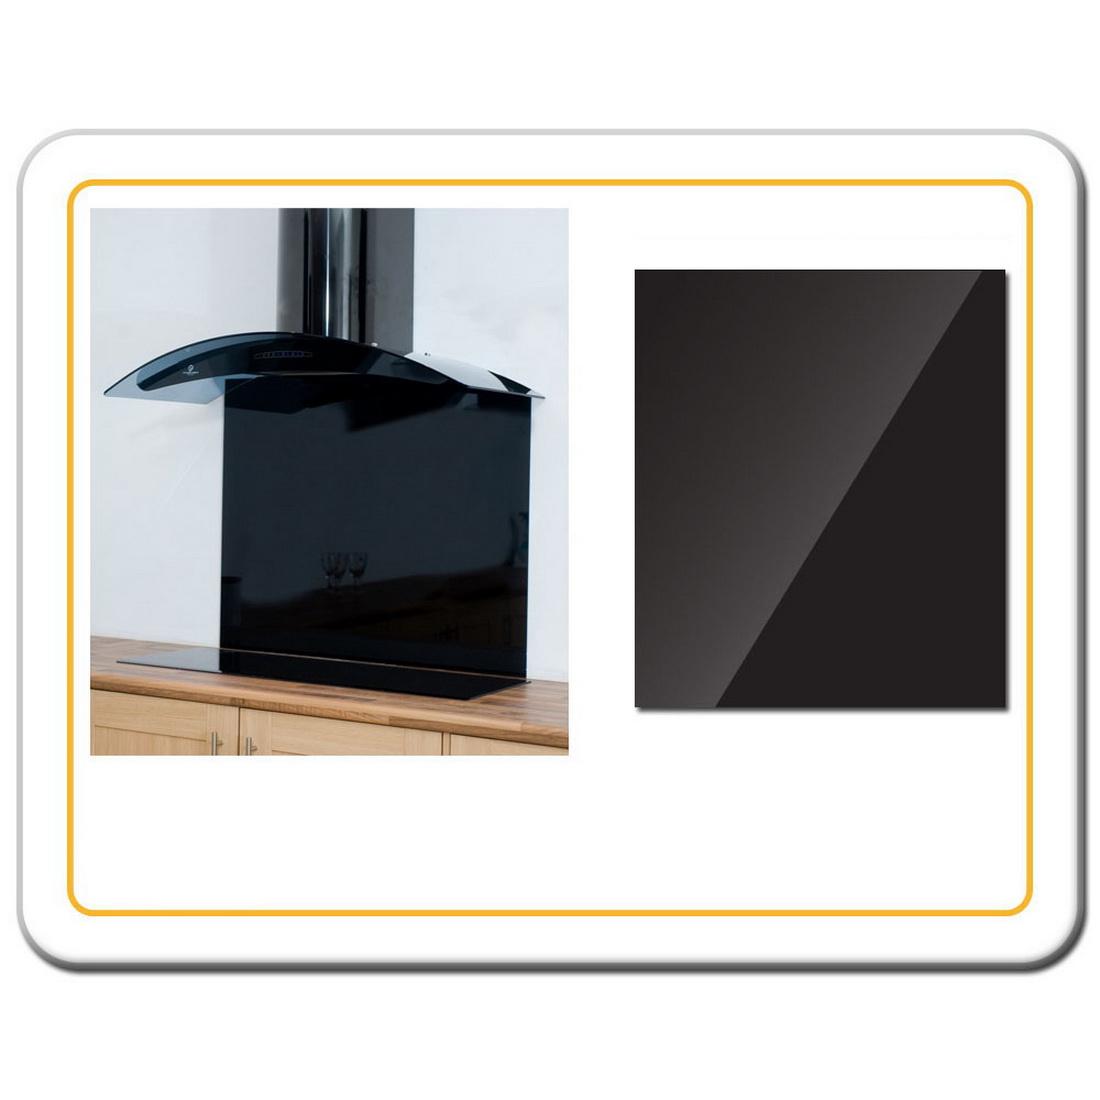 Splashback 750 x 600 x 5 mm Black Toughend Glass 75X6SPLASHBLK